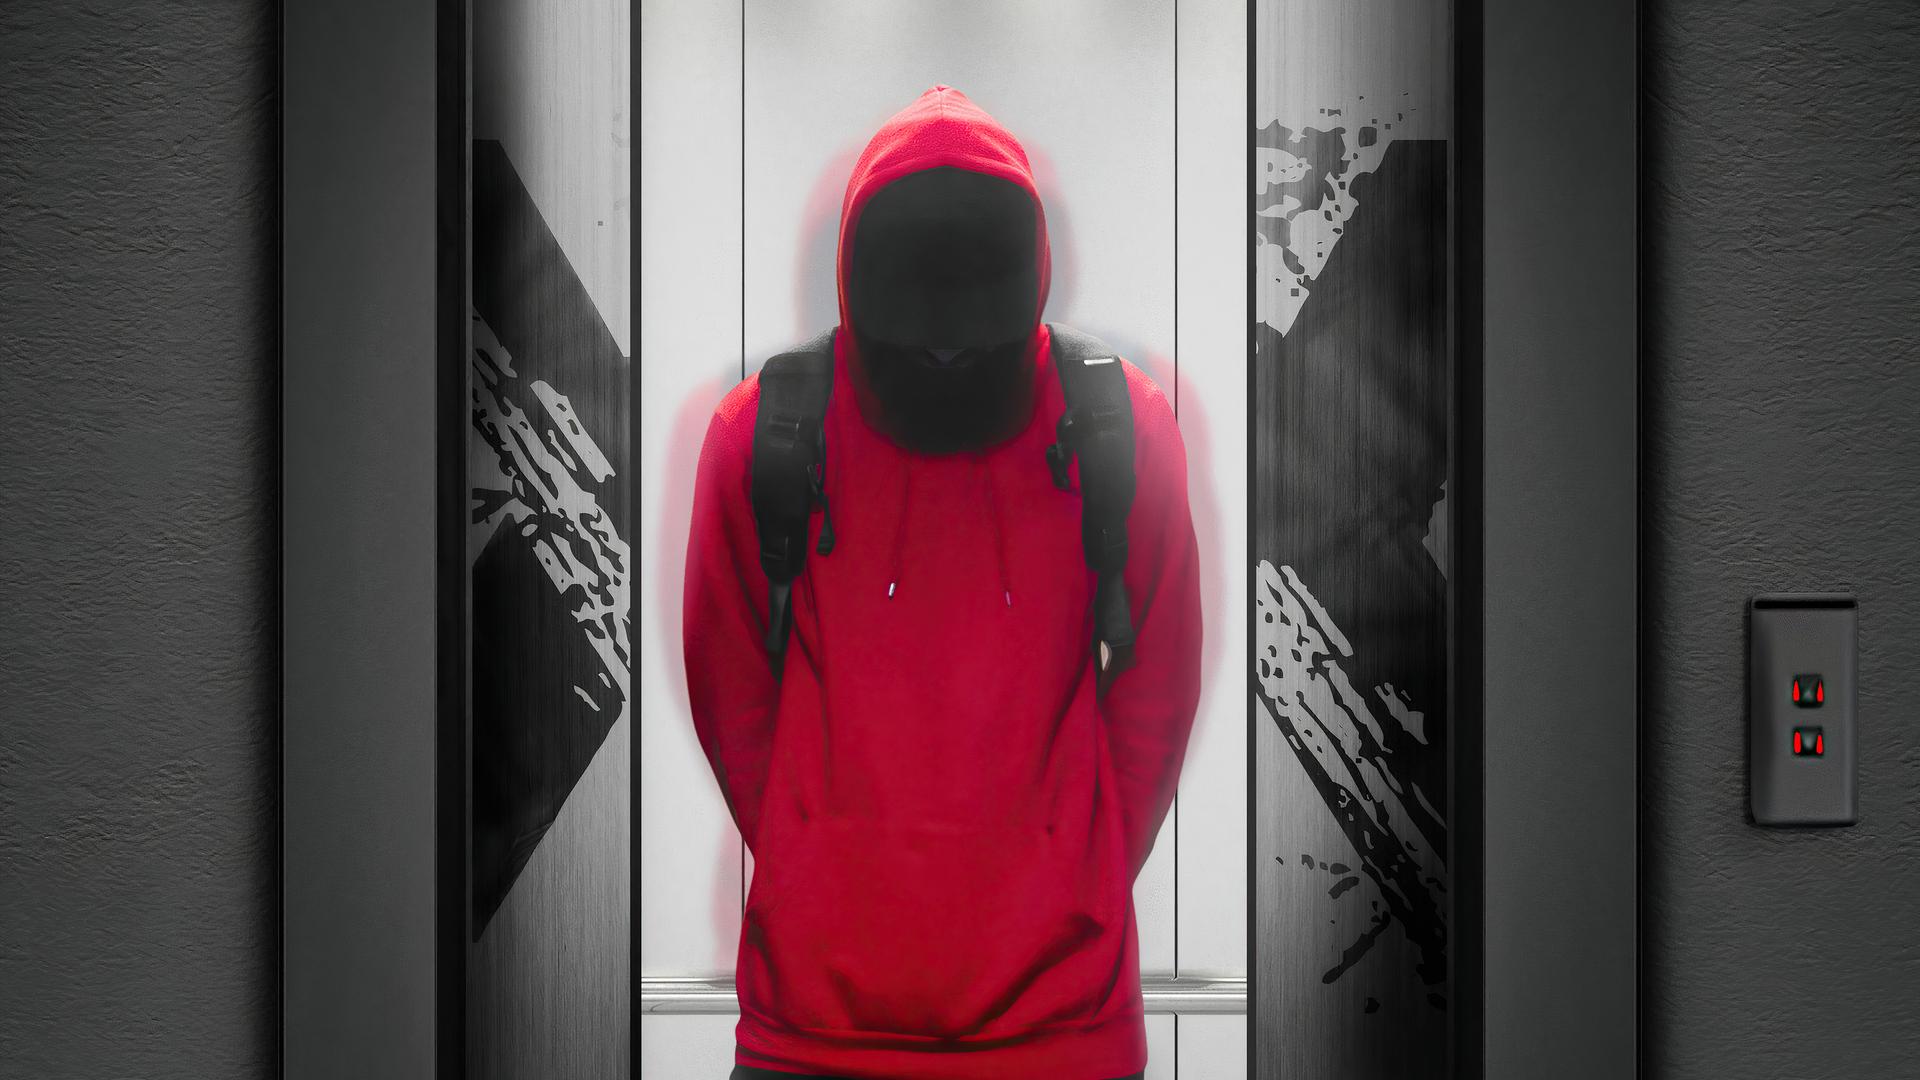 hoodie-guy-in-elevator-4k-gp.jpg